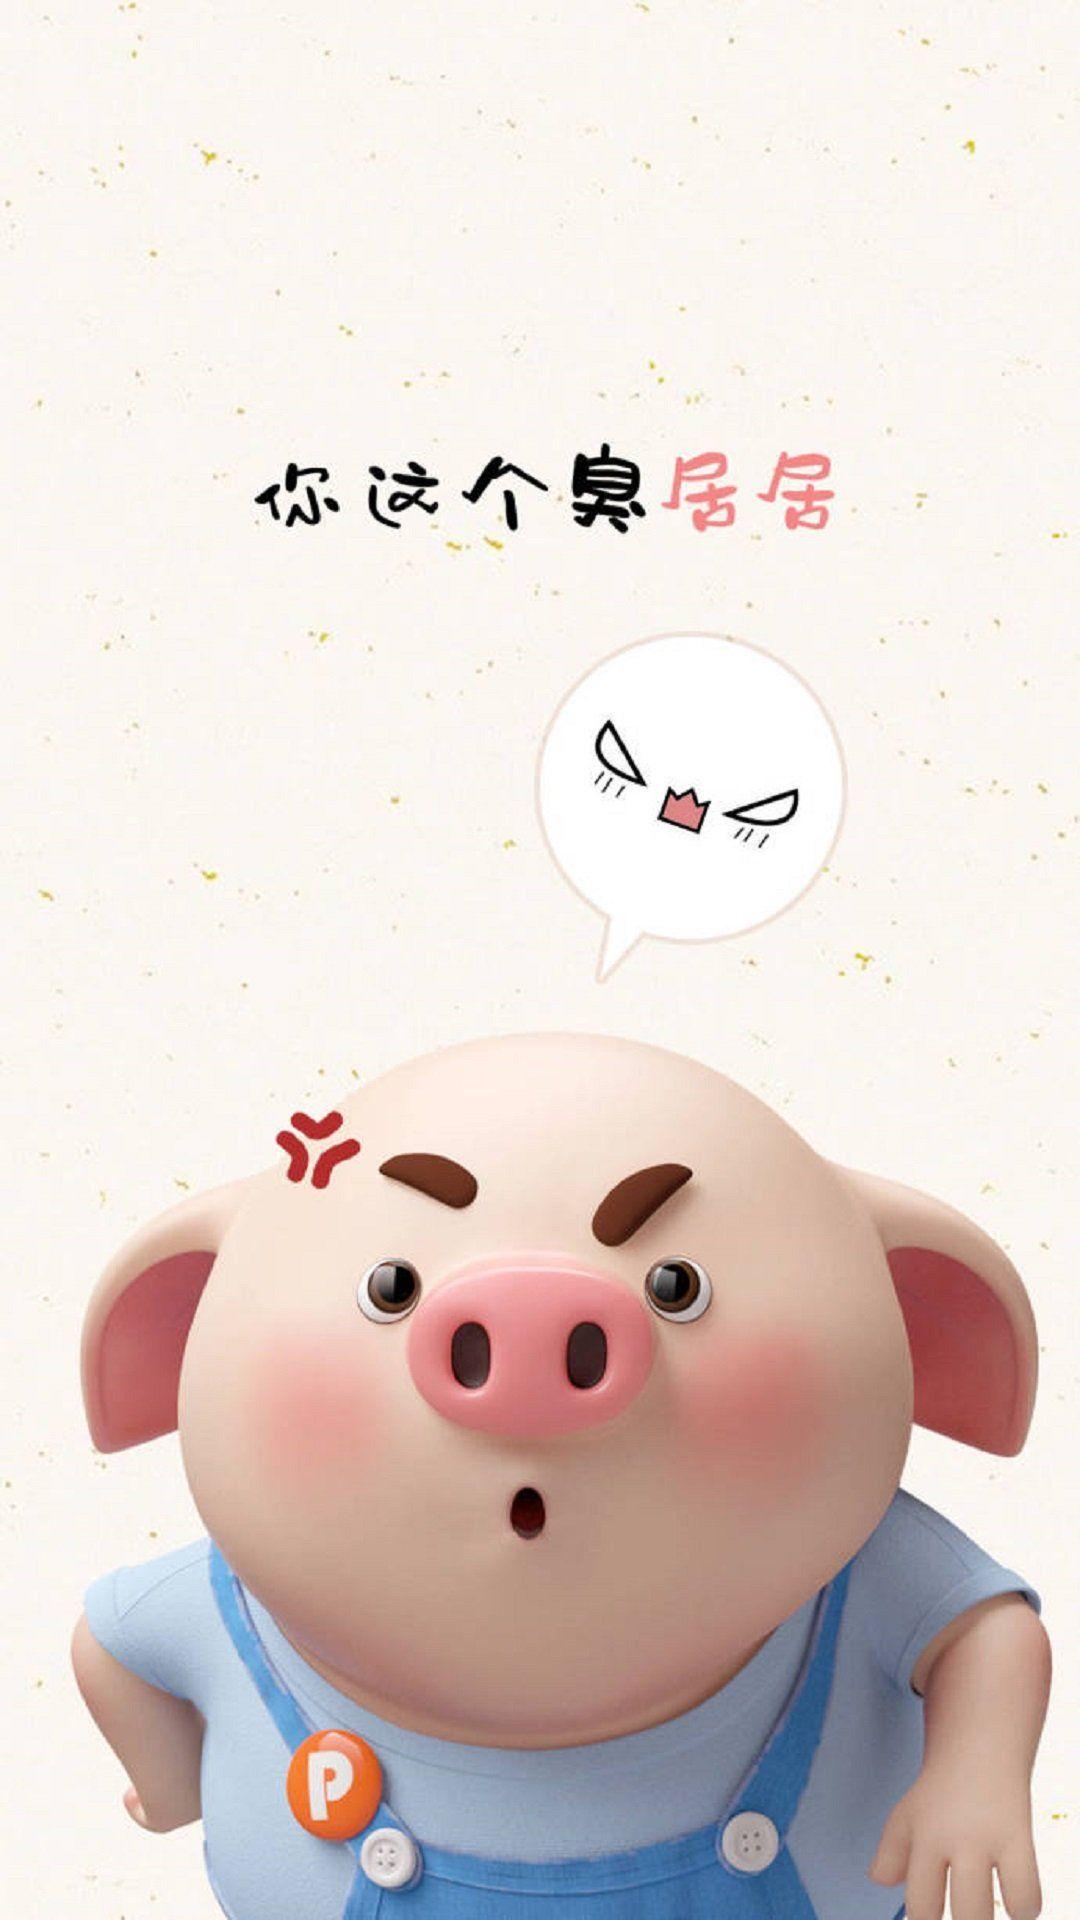 2019可爱小猪壁纸无水印|水印|壁纸|可爱 新浪新闻 7FA